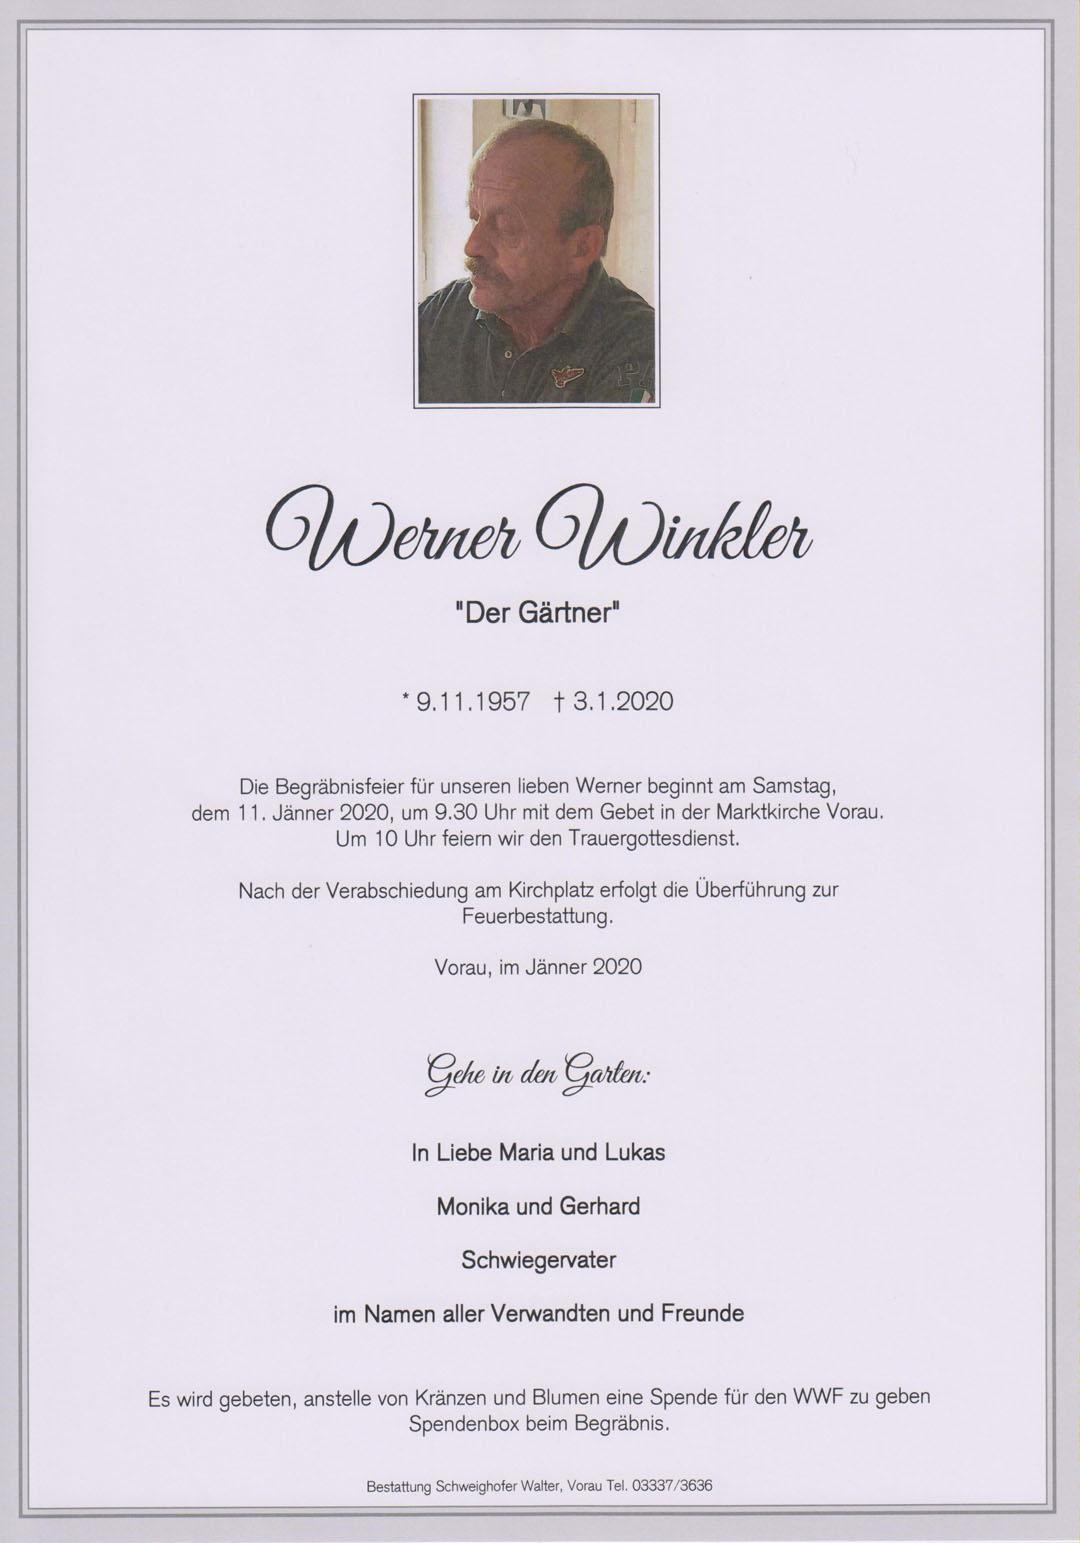 Werner Winkler